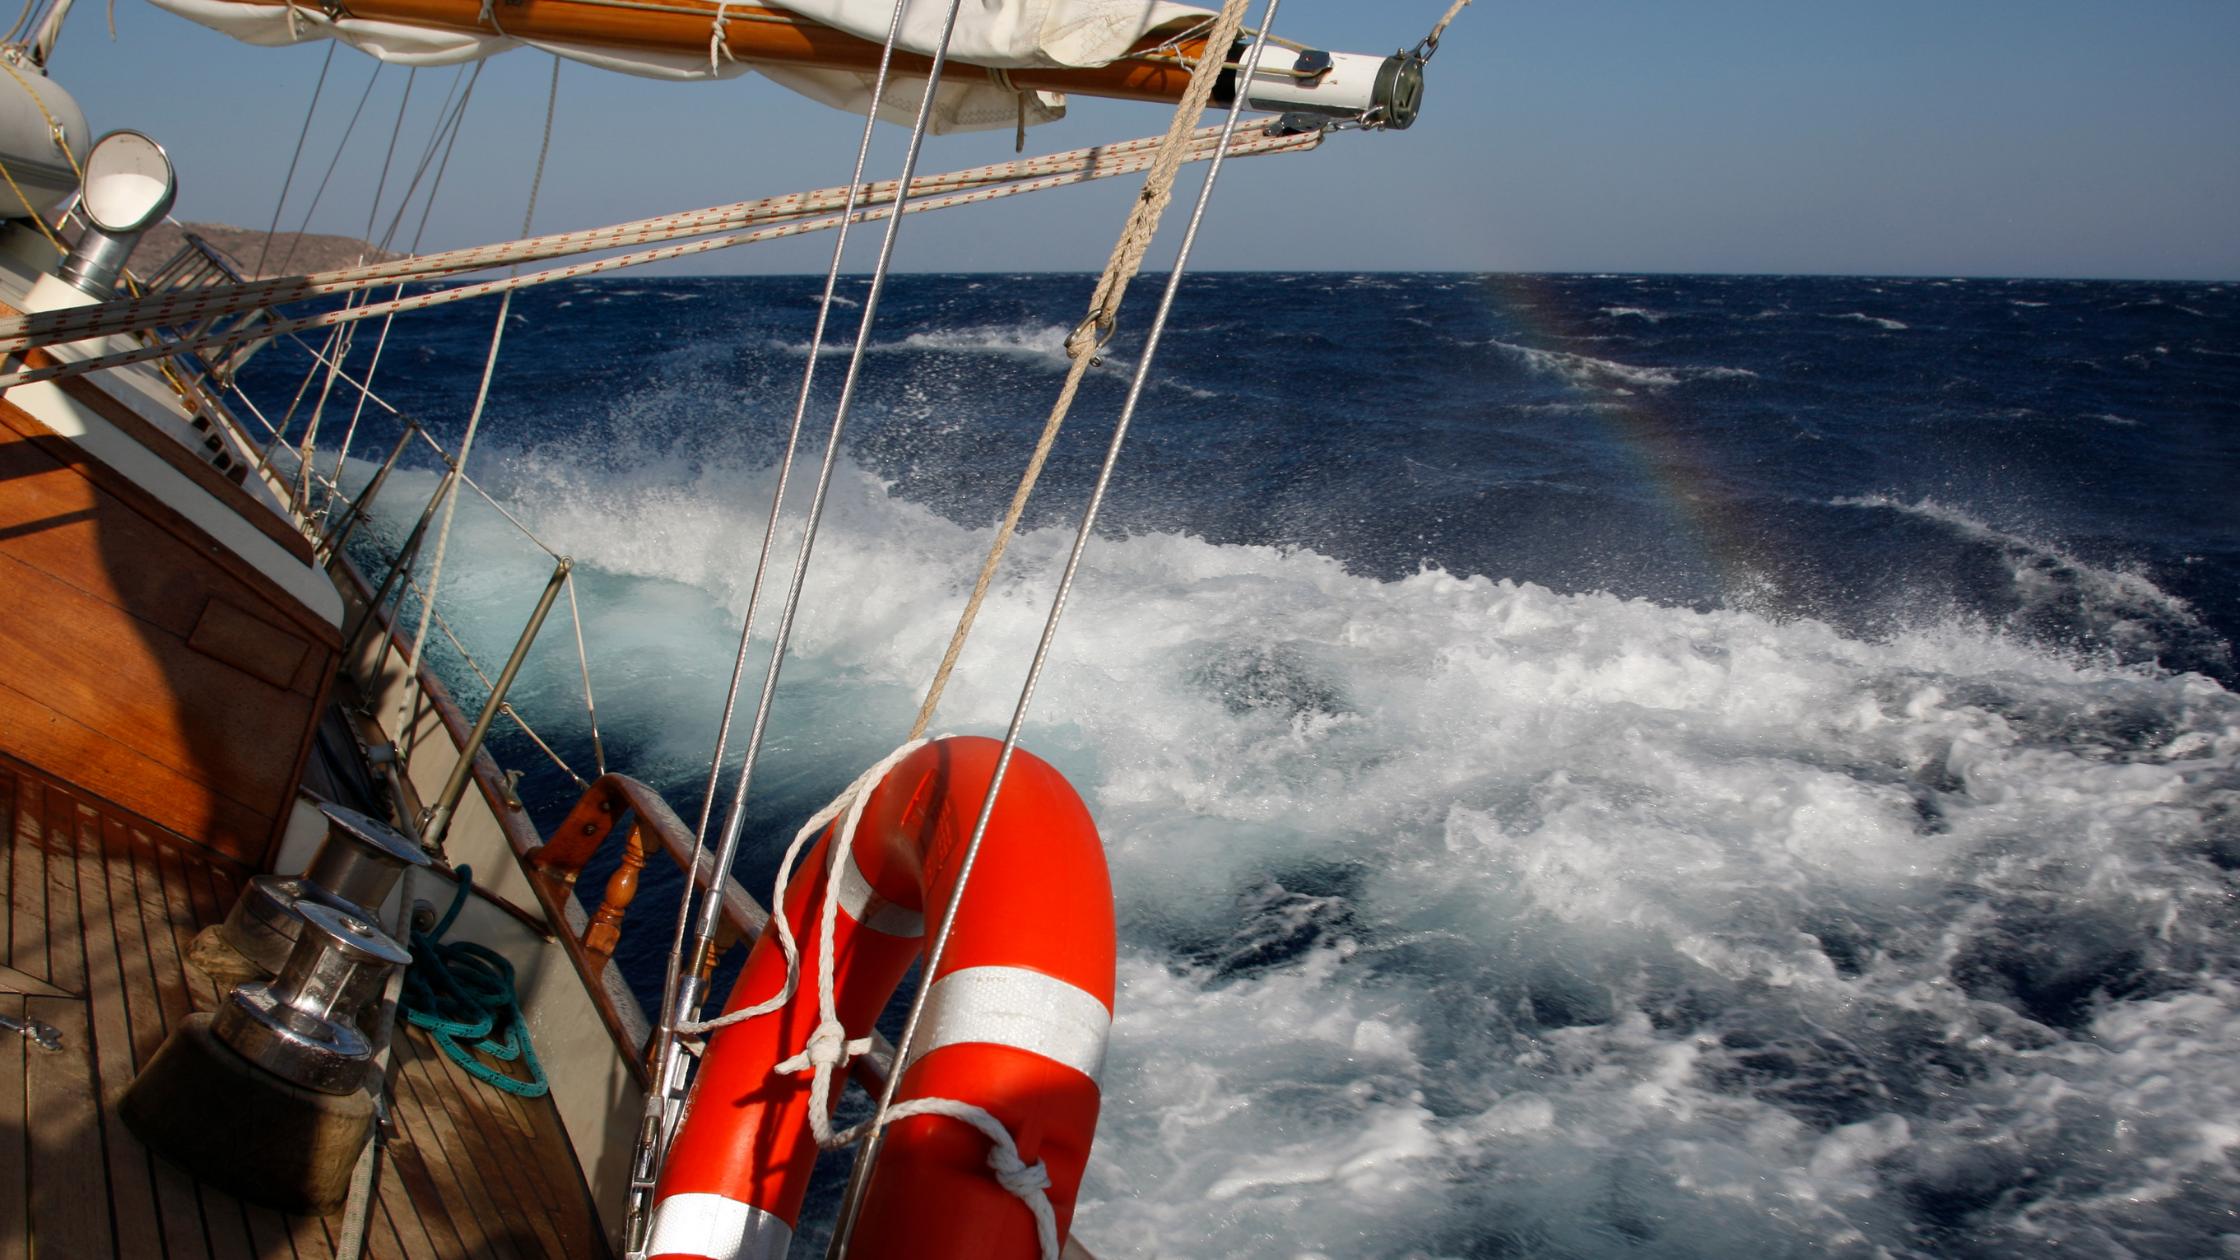 Hartes Segeln unter der Führung einer erfahrenen Crew, bei der Abenteuer und Sicherheit an erster Stelle stehen.